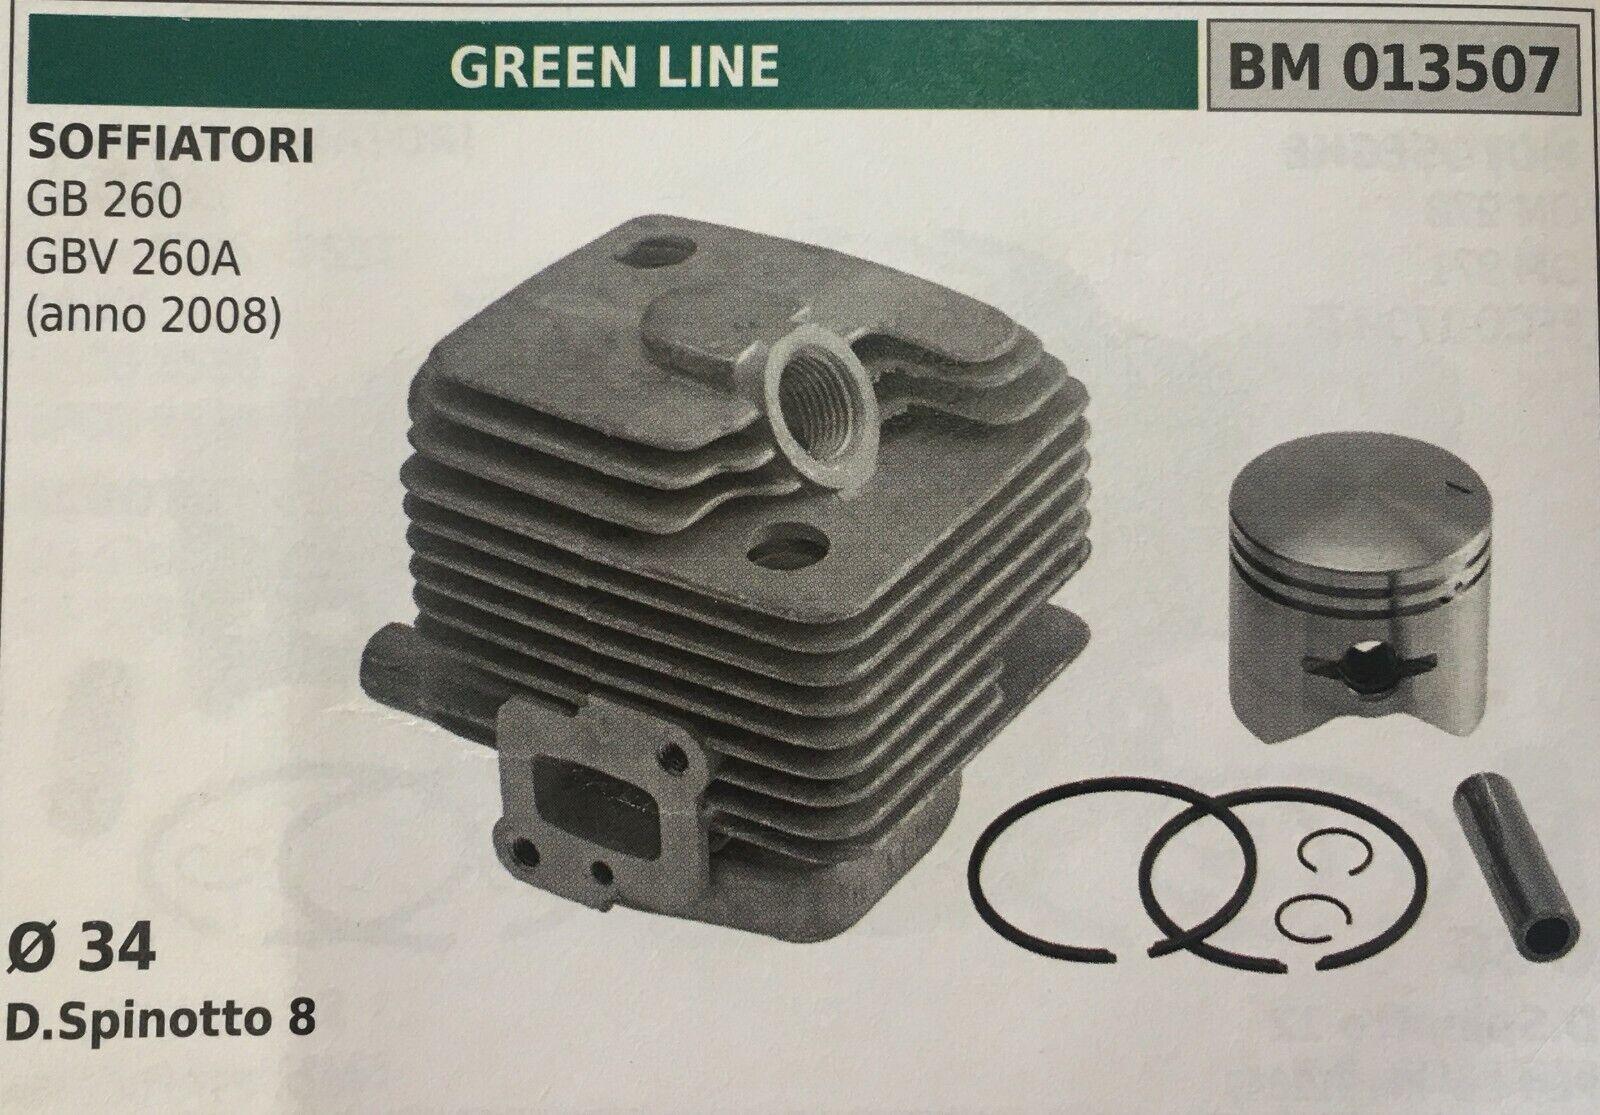 CILINDRO COMPLETO DI PISTONE E SEGMENTI BRUMAR BM013507 verde LINE